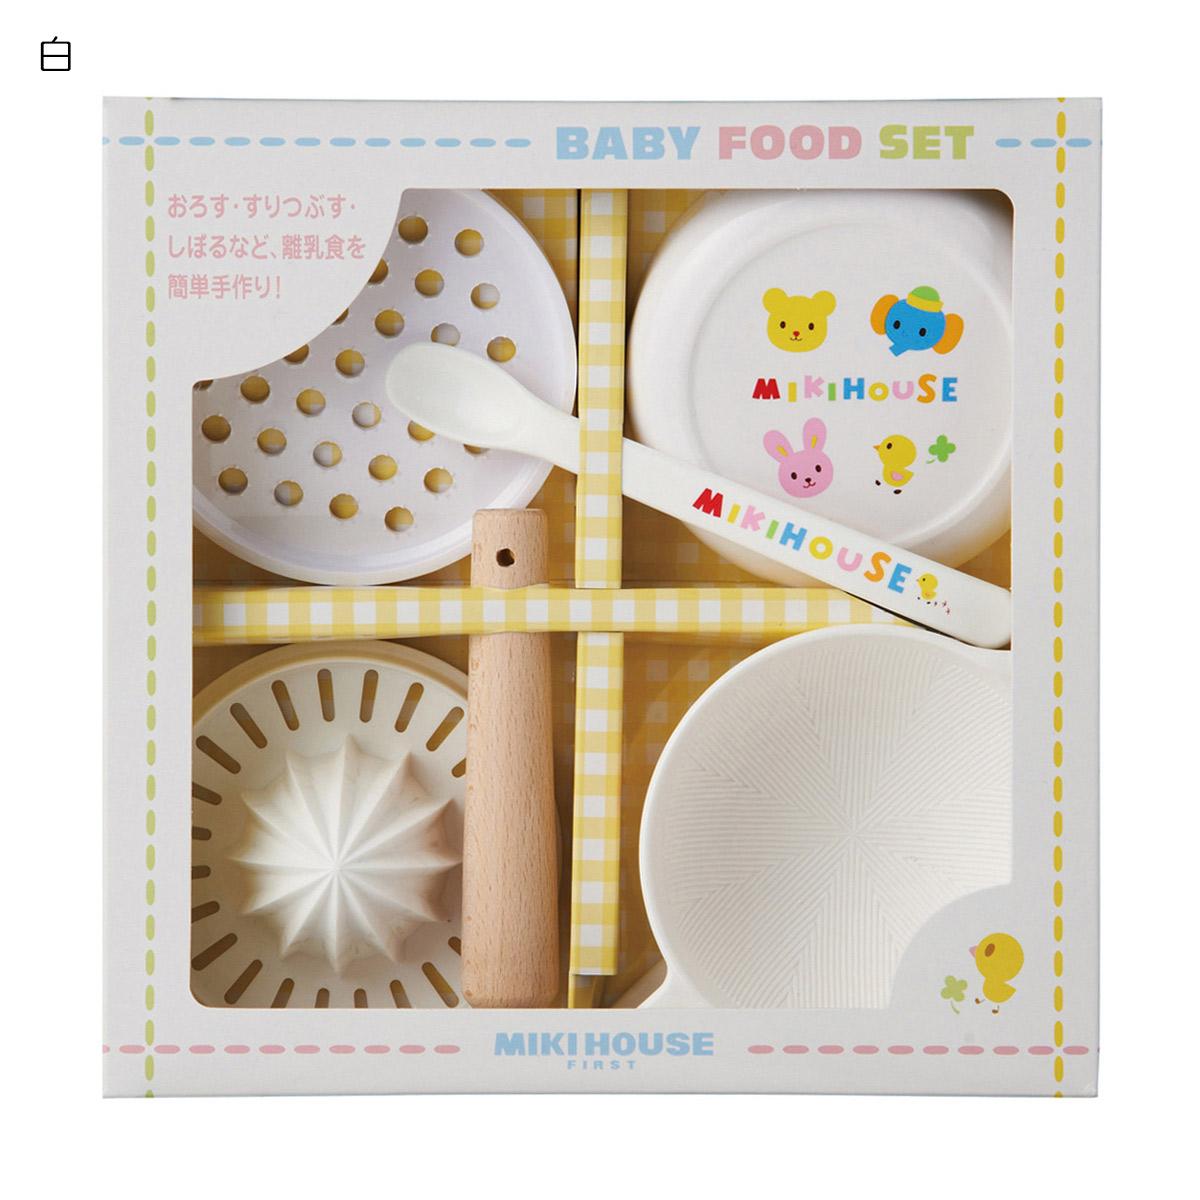 離乳食の調理セットを従妹の出産祝いにプレゼントしたい!おすすめは?